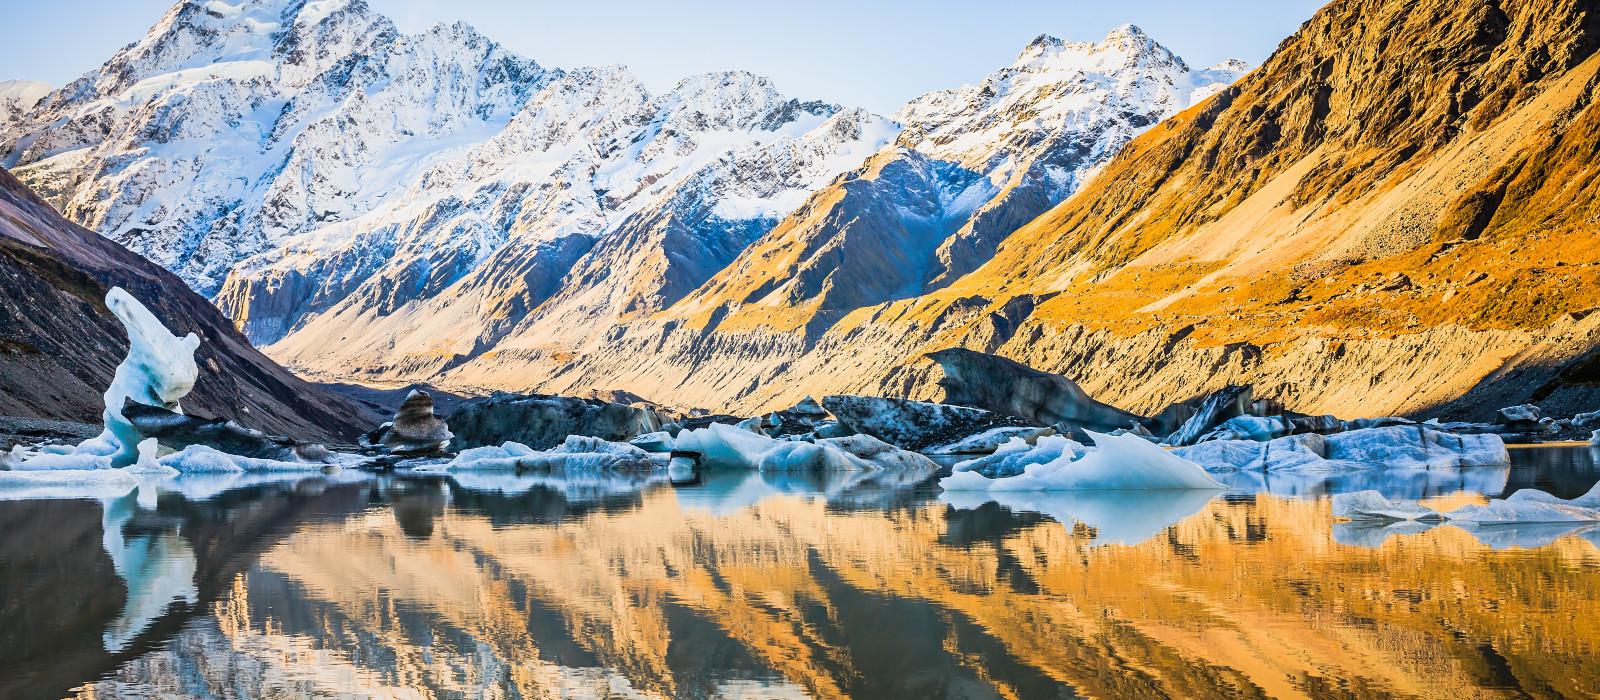 Neuseeland vom Feinsten – Natur, edler Wein und exquisite Unterkünfte Urlaub 1